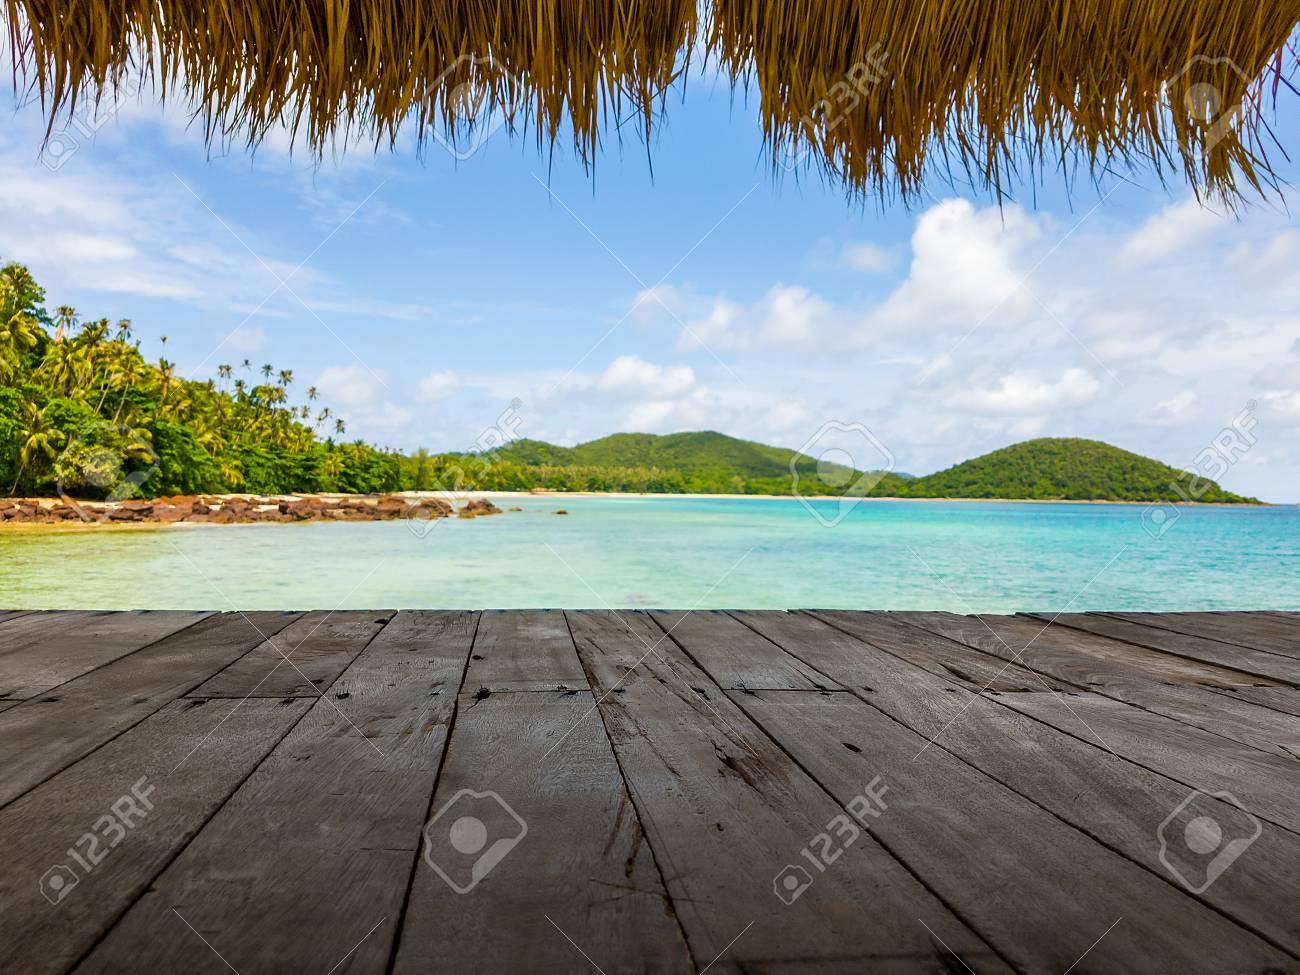 Terraza De Madera En La Playa Del Mar Con La Hoja De Bambú Como Techo Del Pabellón Y La Luz Del Sol En La Isla De Koh Mak En La Provincia De Trat